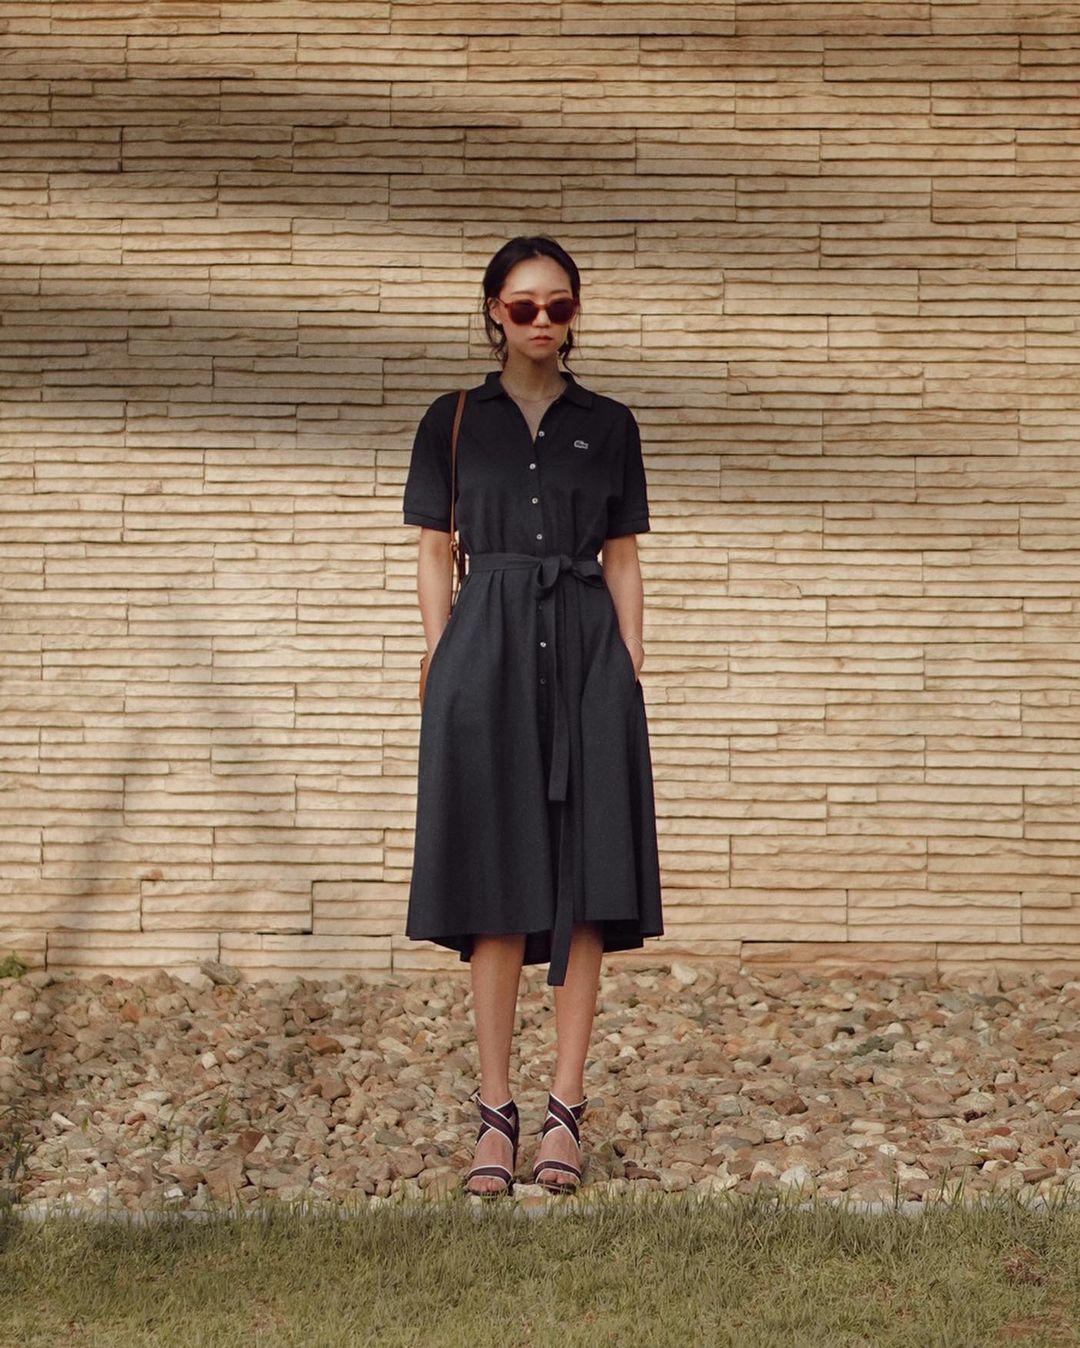 váy đen công sở dress code